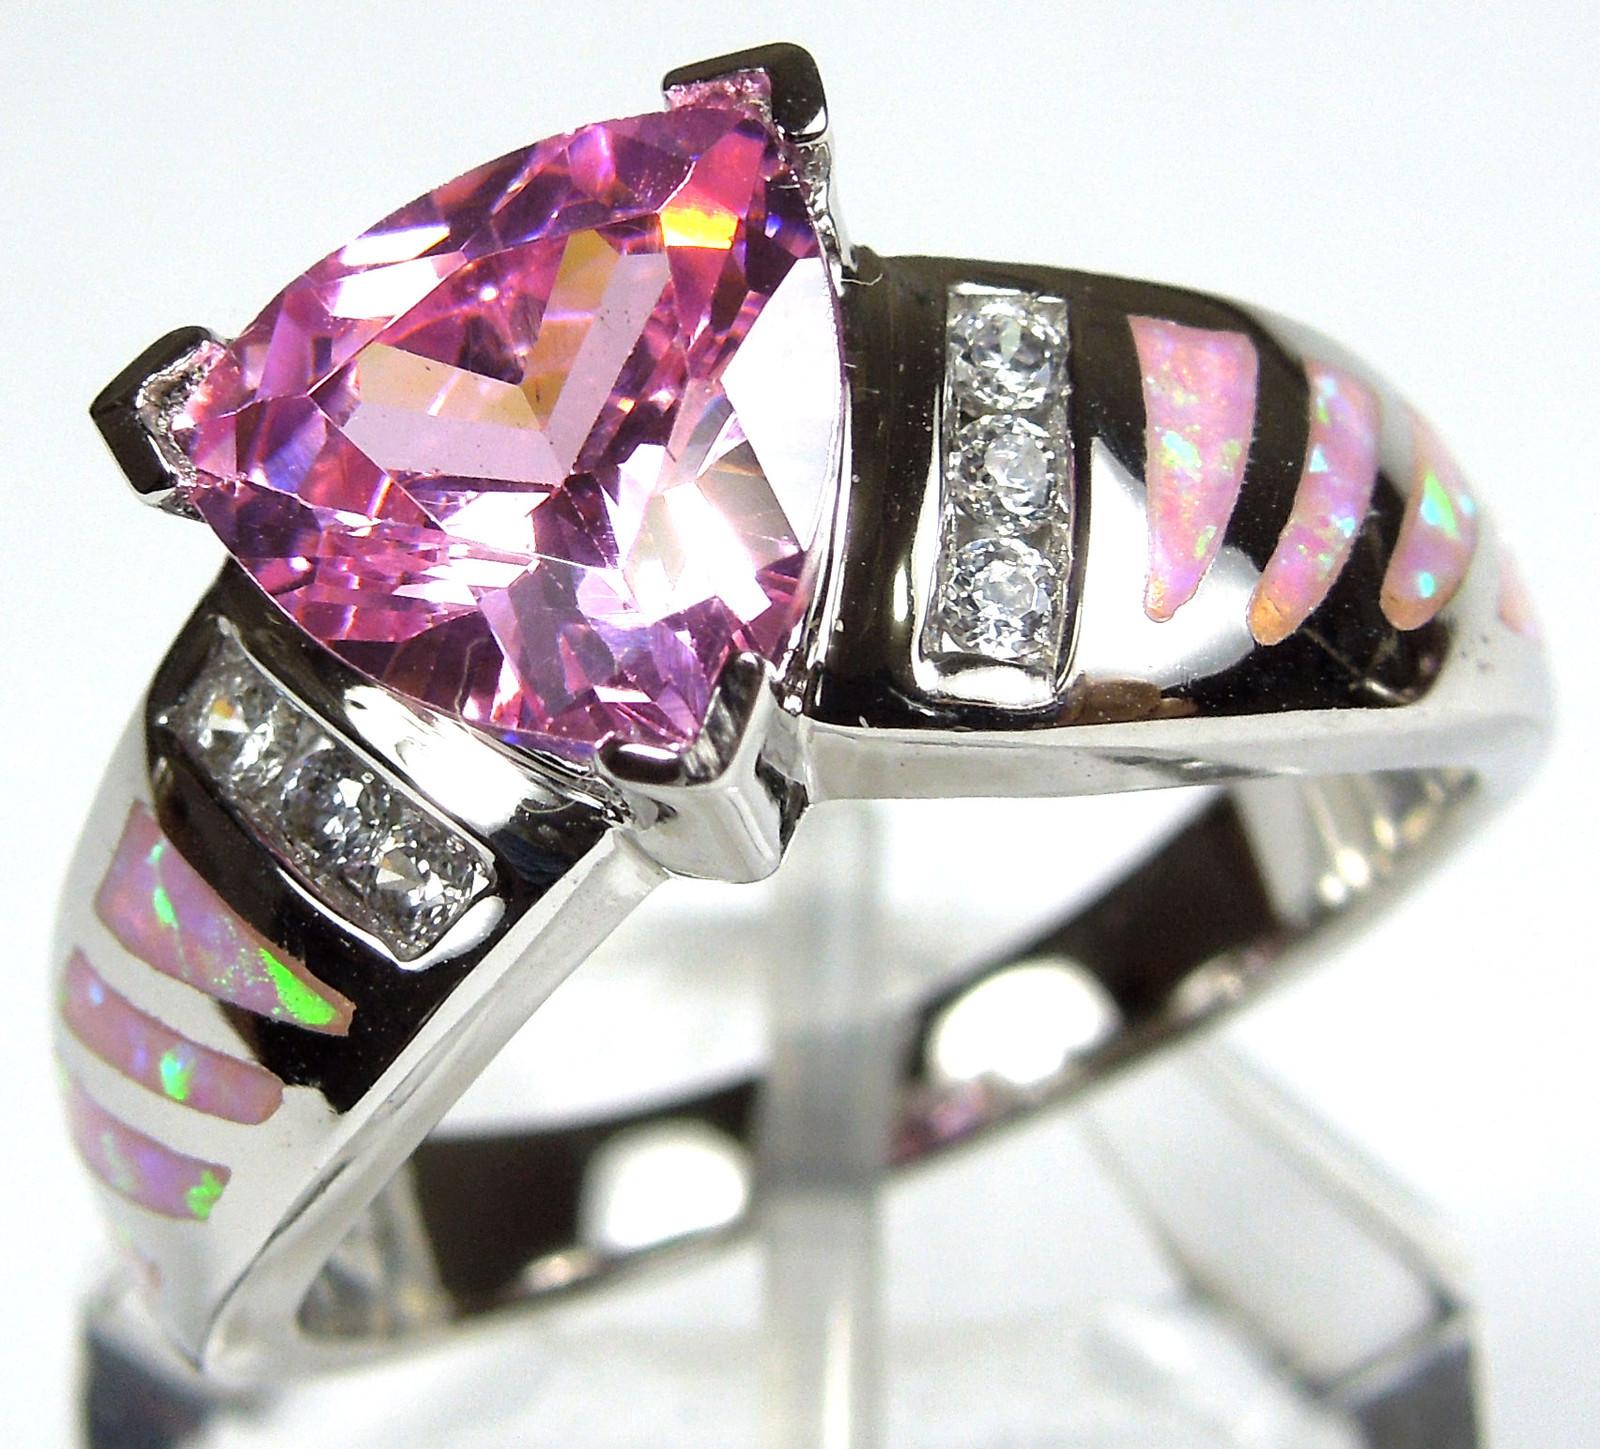 драгоценные камни розового цвета фото и название